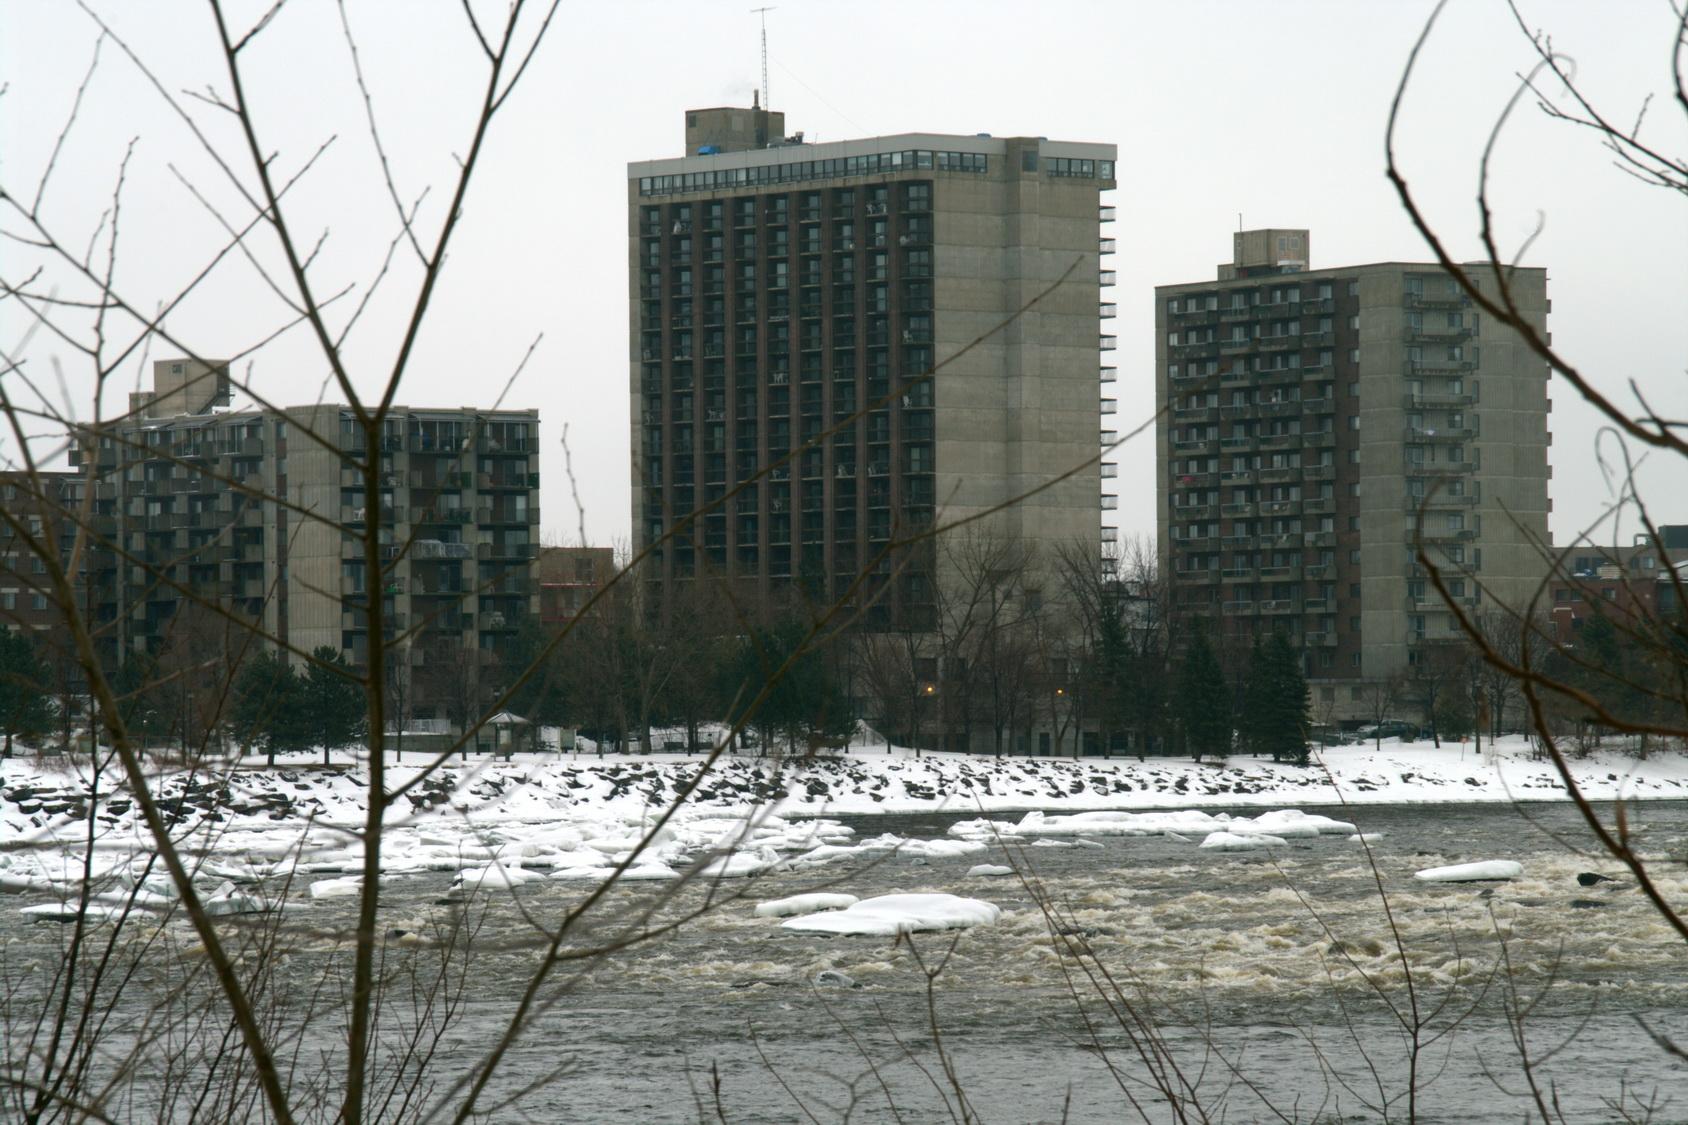 la fonte des neiges 2009 full movie download